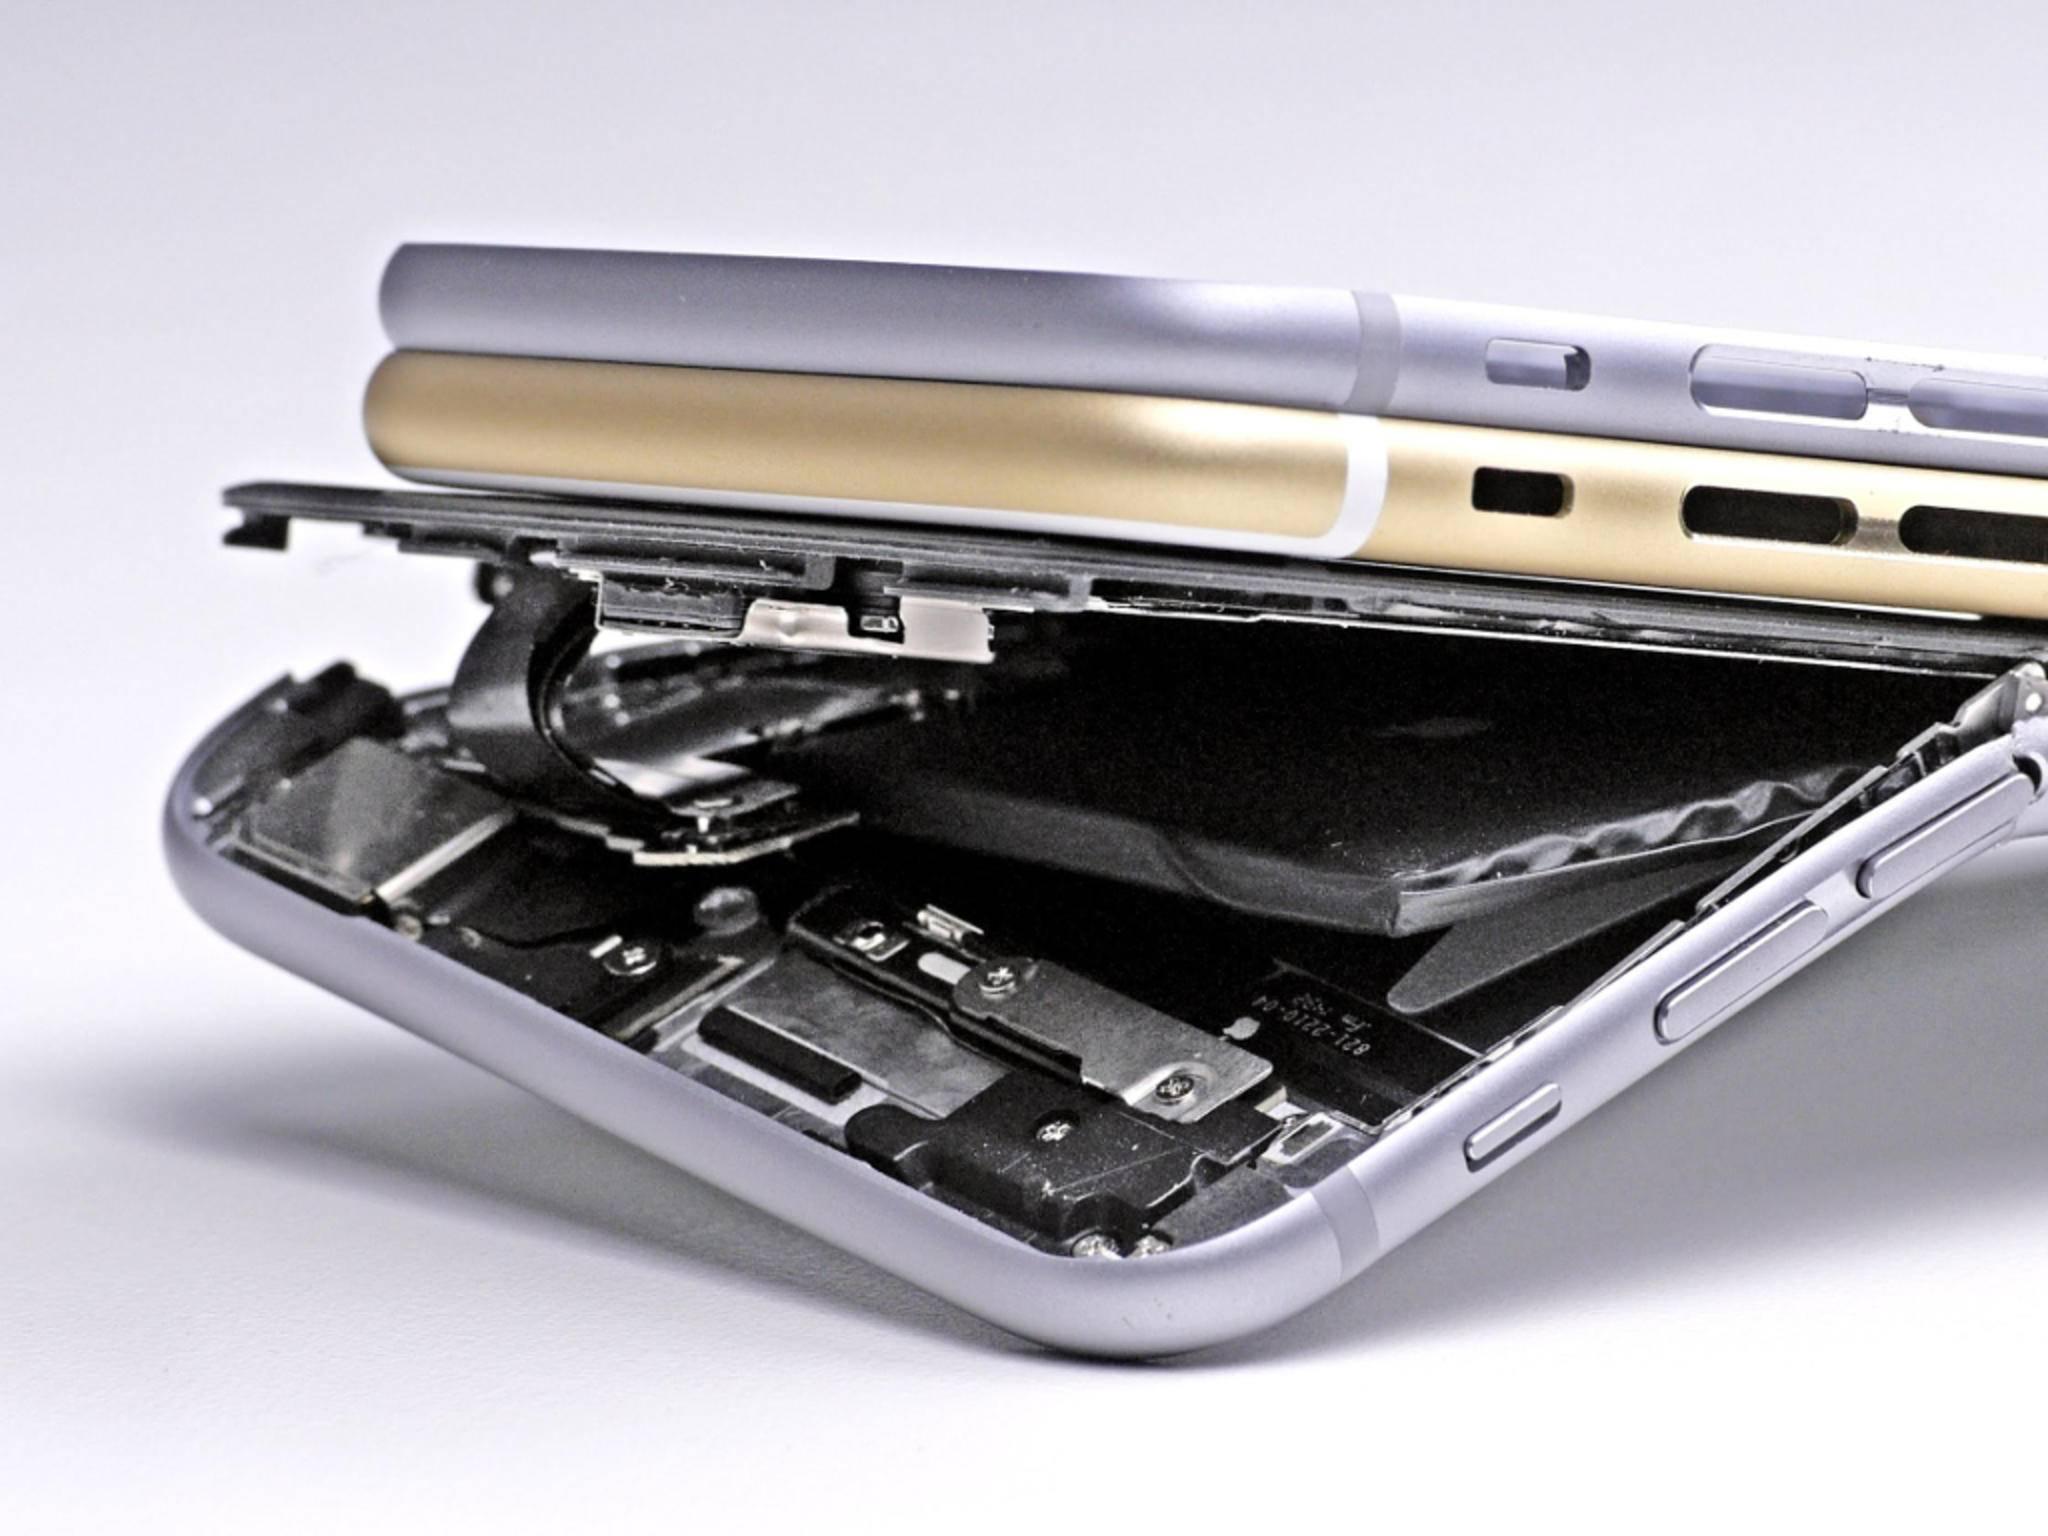 Je dünner das Smartphone, desto leichter verbiegt es sich natürlich auch.